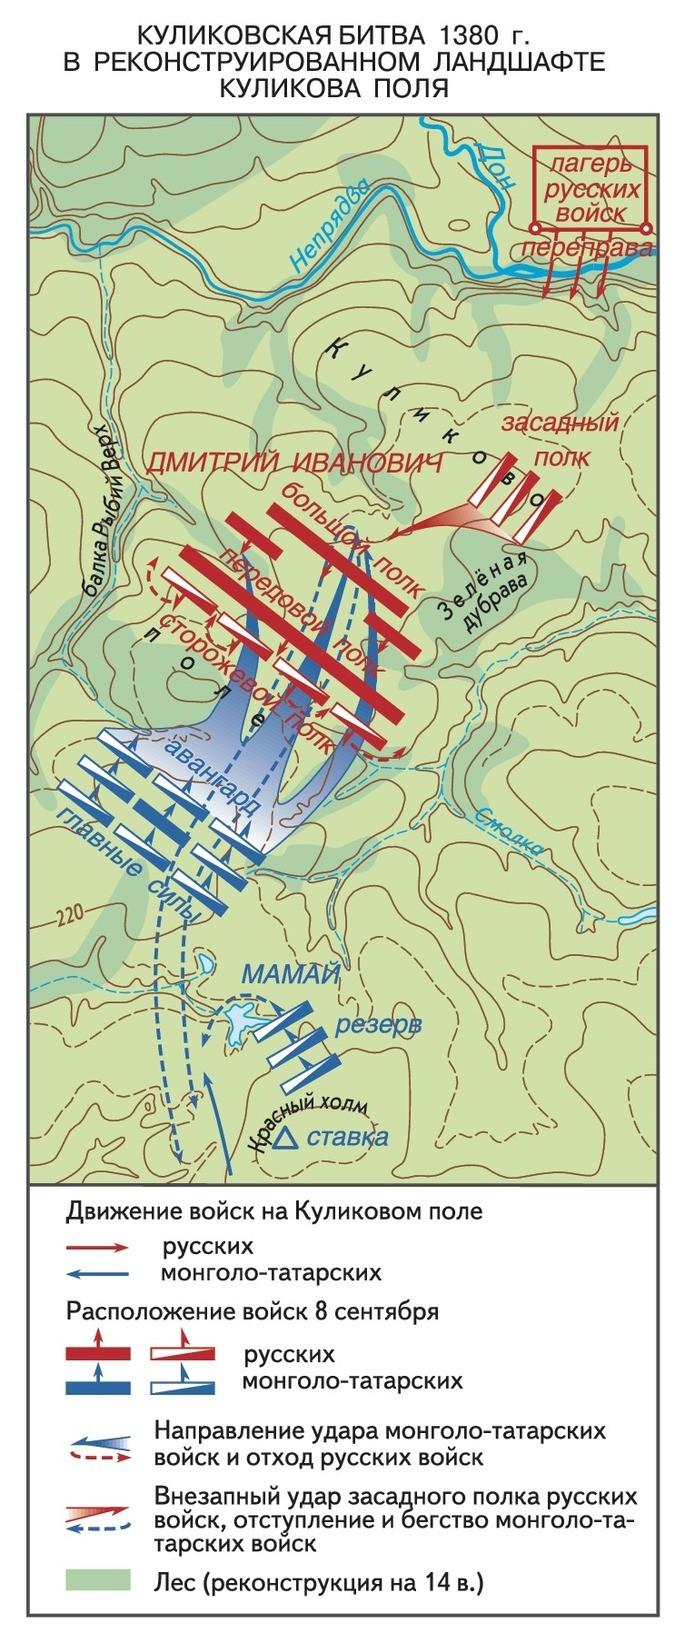 Схема расположения войск Дмитрия Донского и Мамая на Куликовом поле перед куликовской битвой